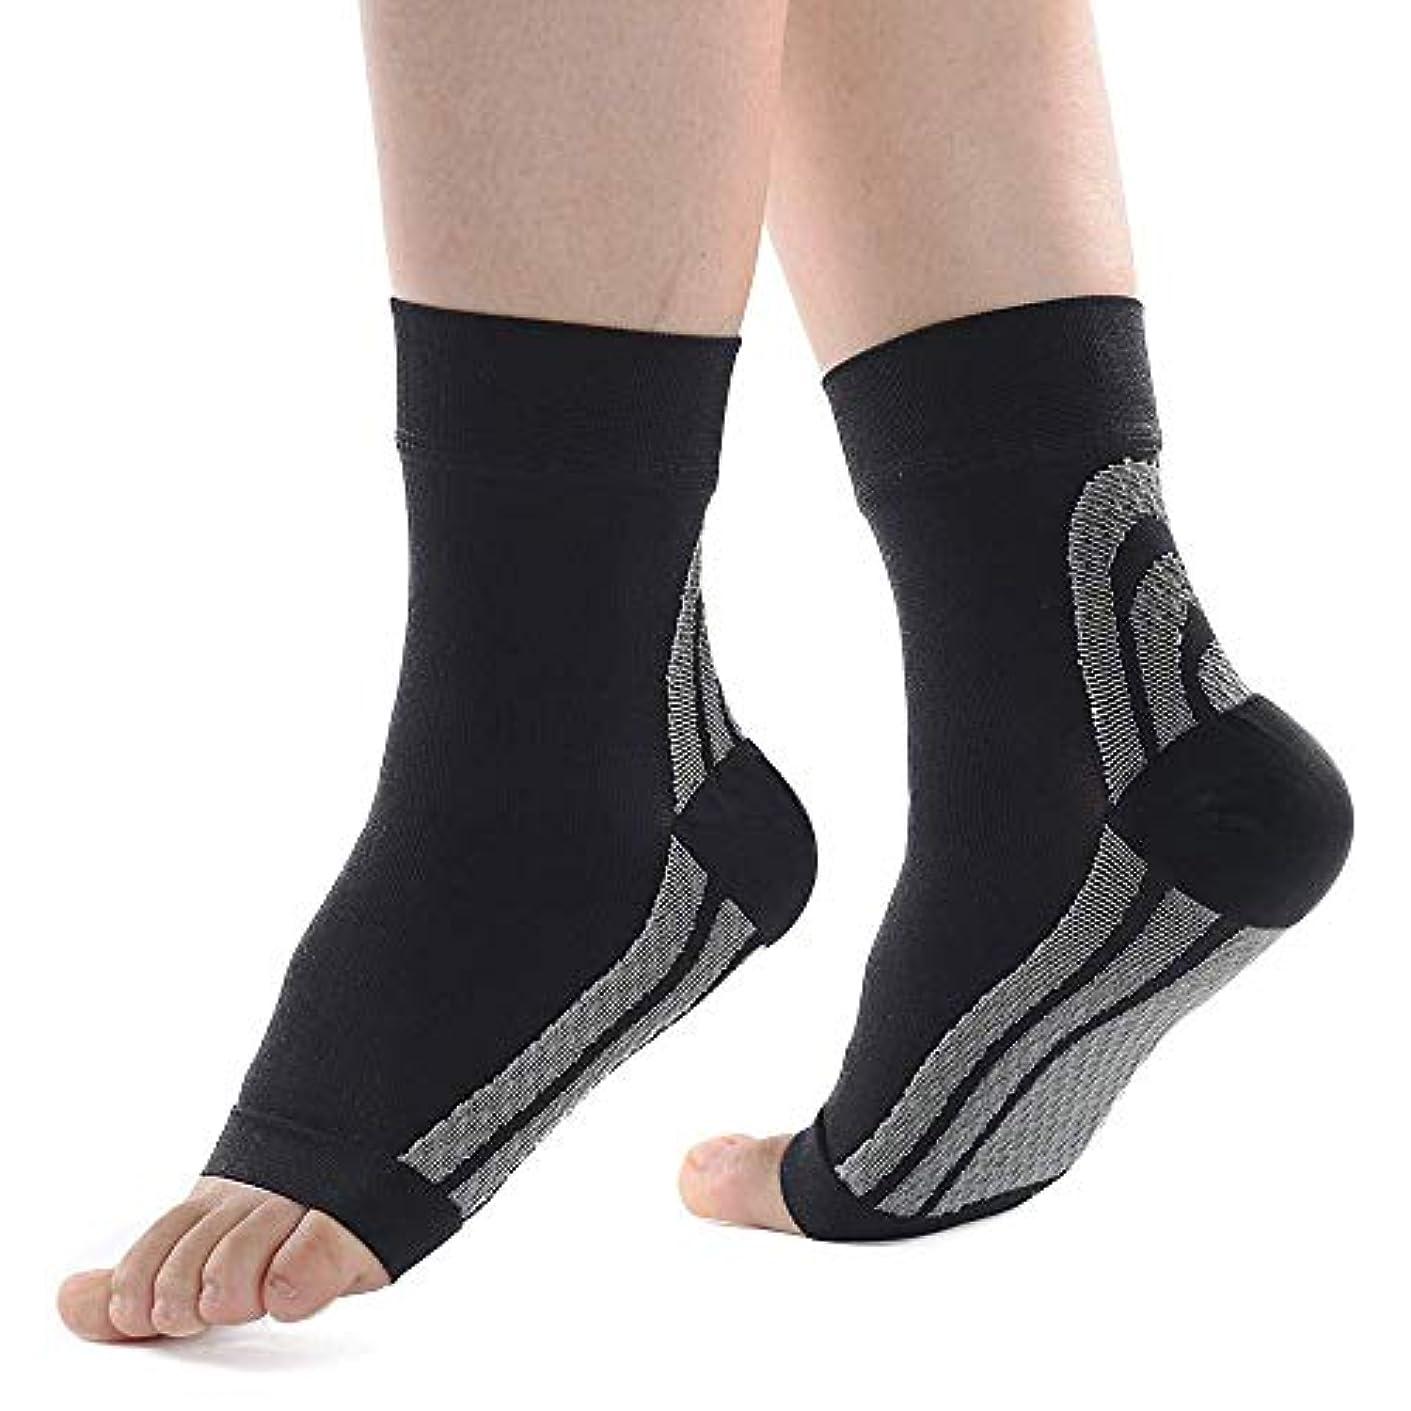 マイルストーン宙返り証言する扁平足 サポーター 足底筋膜炎 扁平足 矯正 アーチサポーター 土踏まず 疲れを軽減,2枚入り